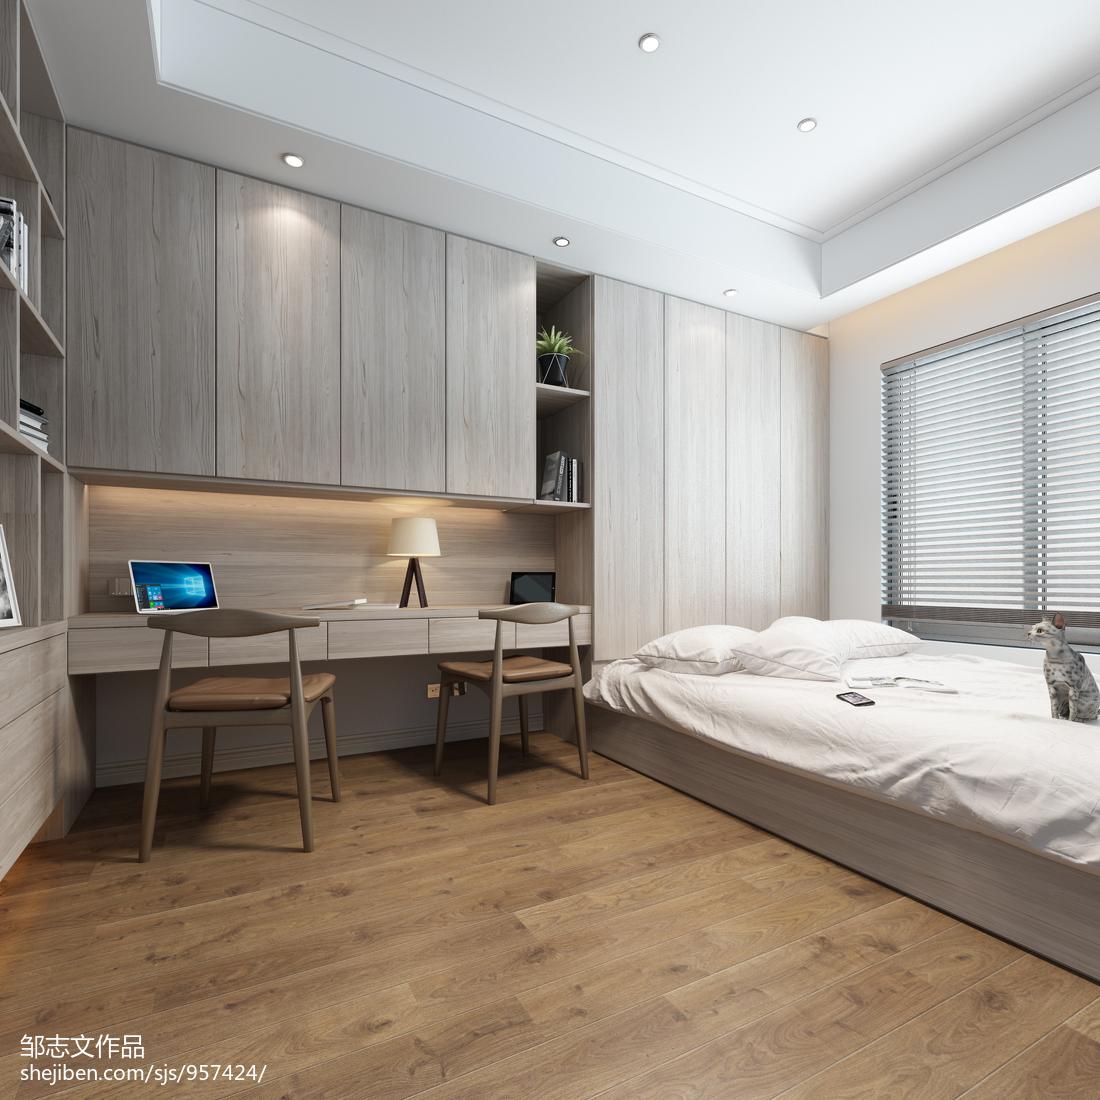 宽敞简约风格卧室装修效果图